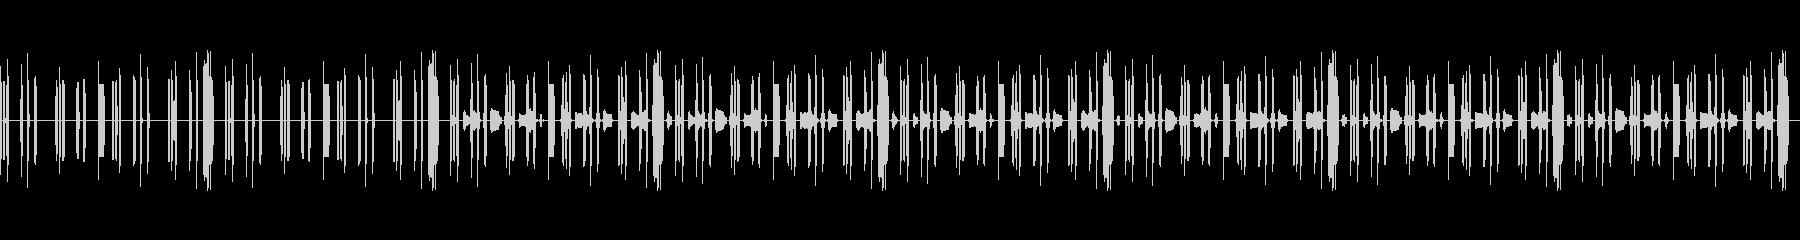 ふしぎ・まぬけ・コミカル・脱力・8bitの未再生の波形